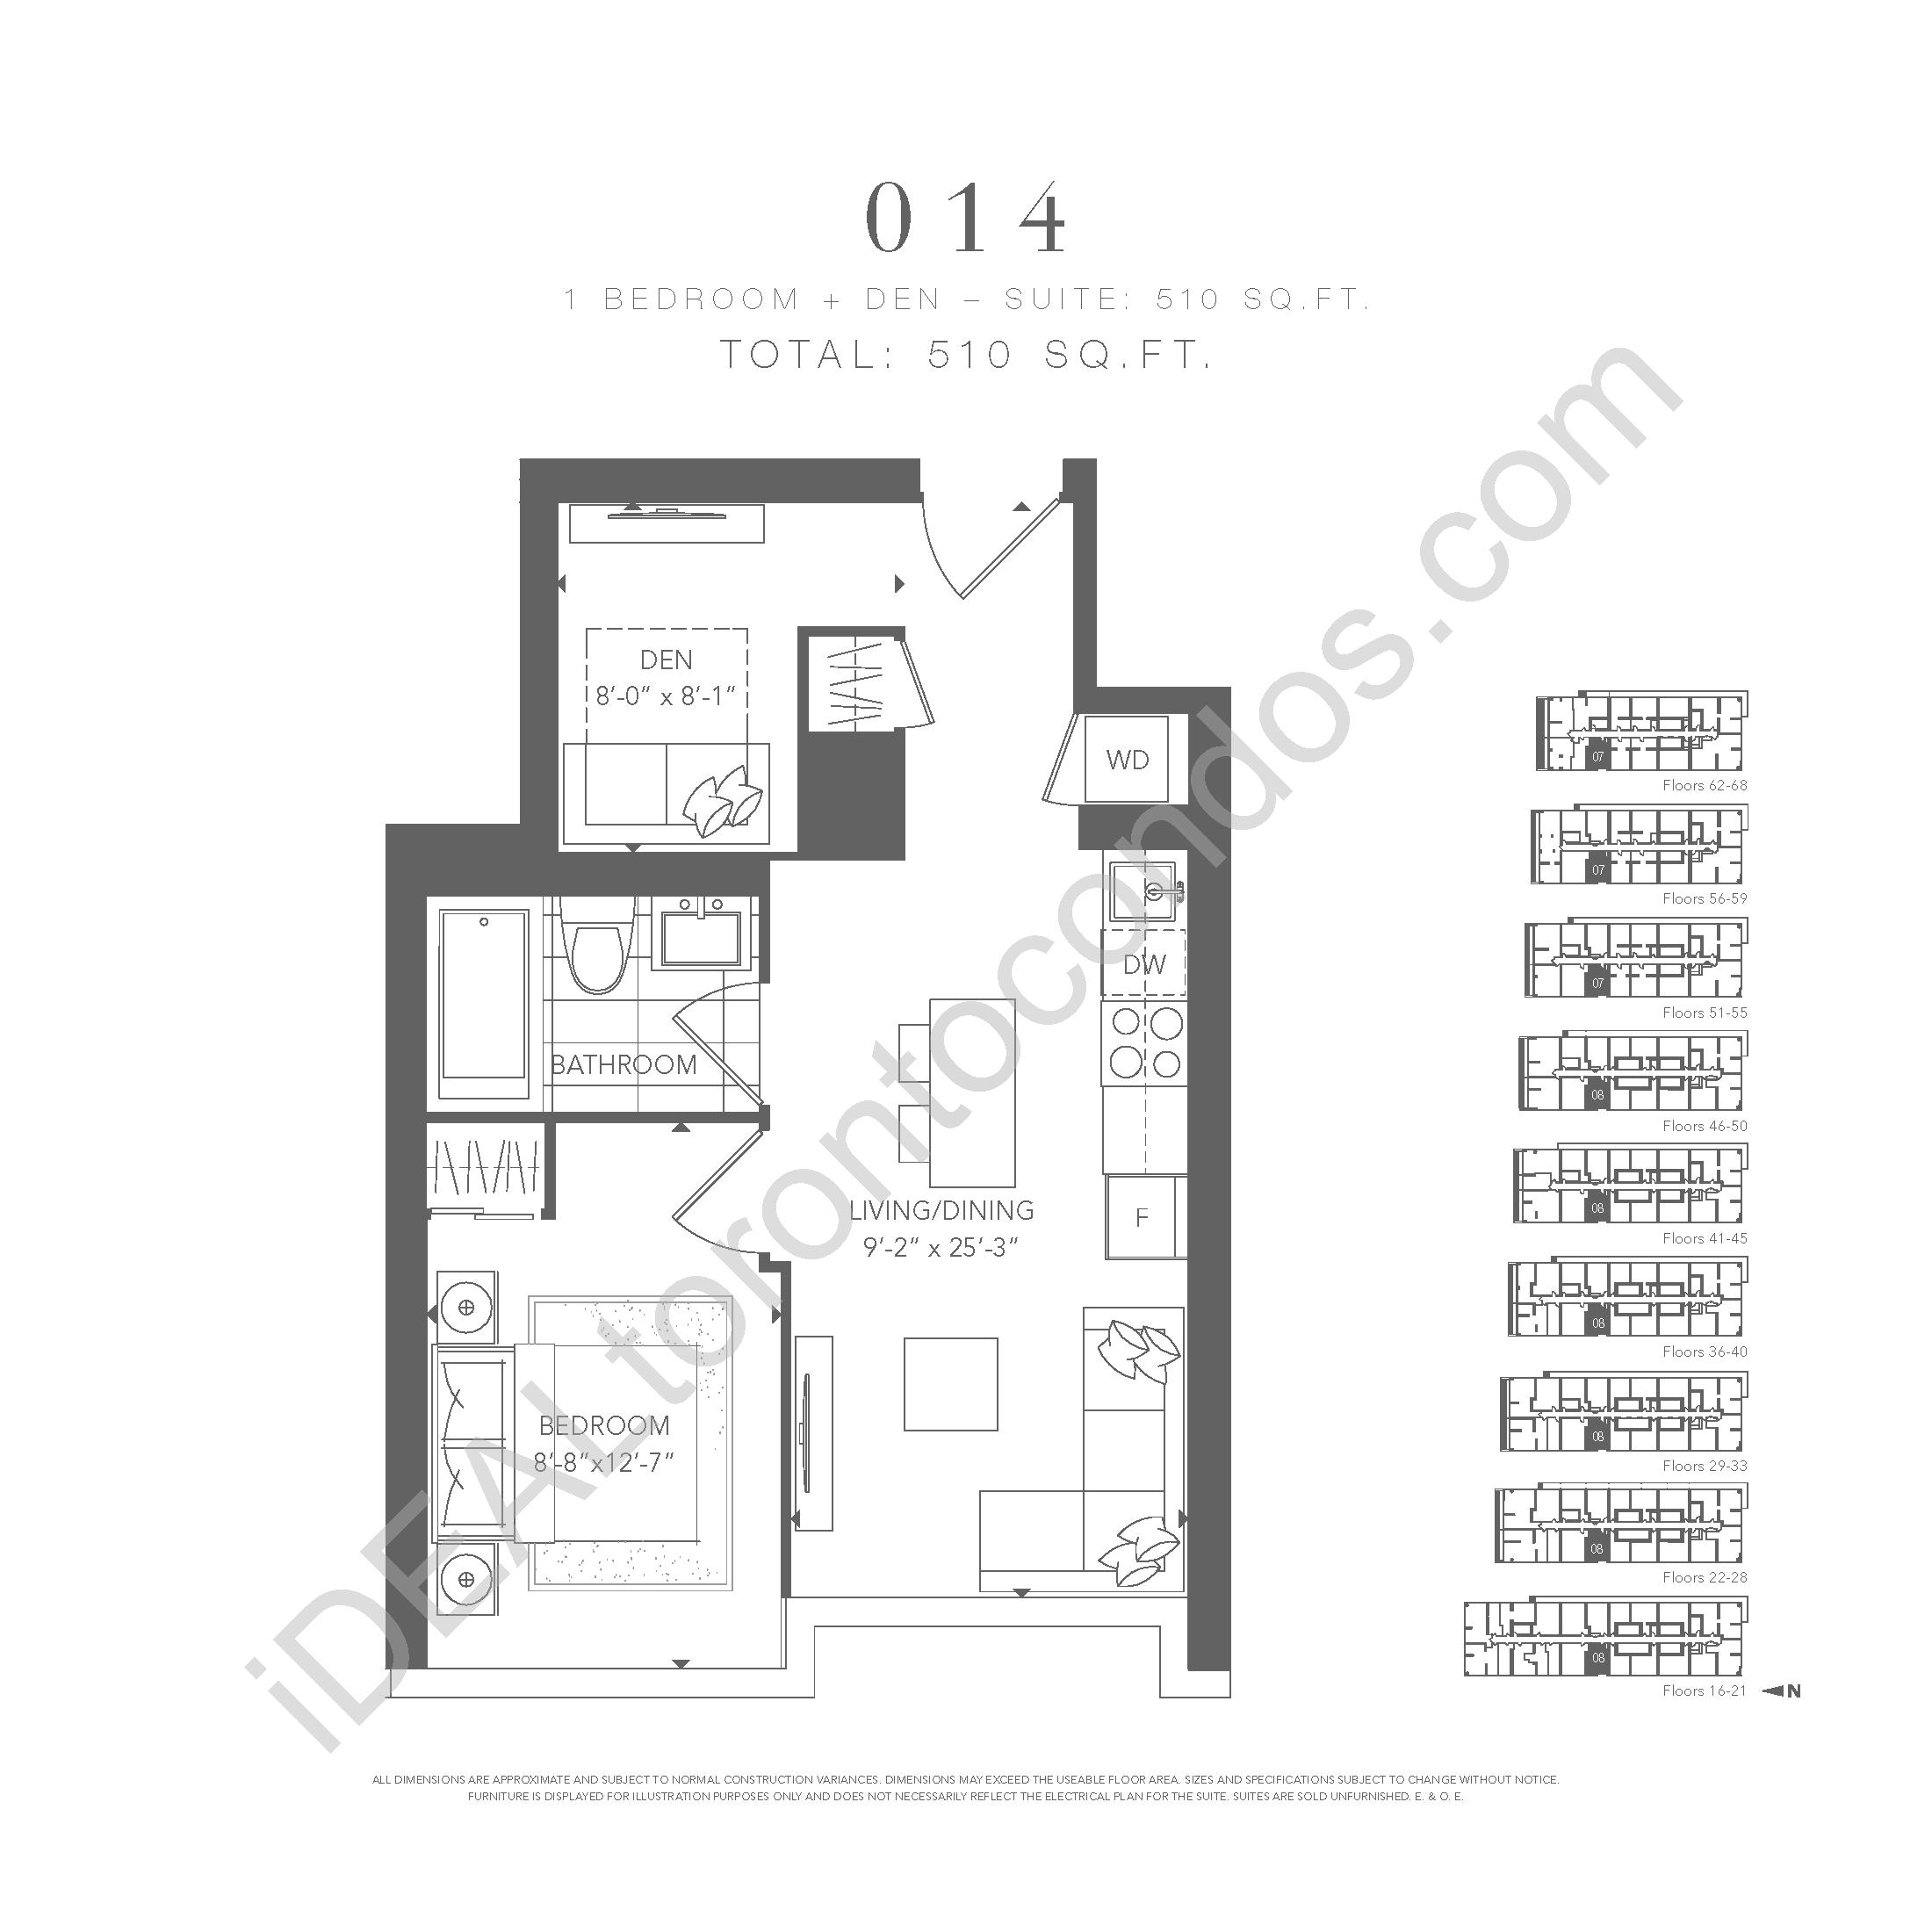 1 bedroom 014